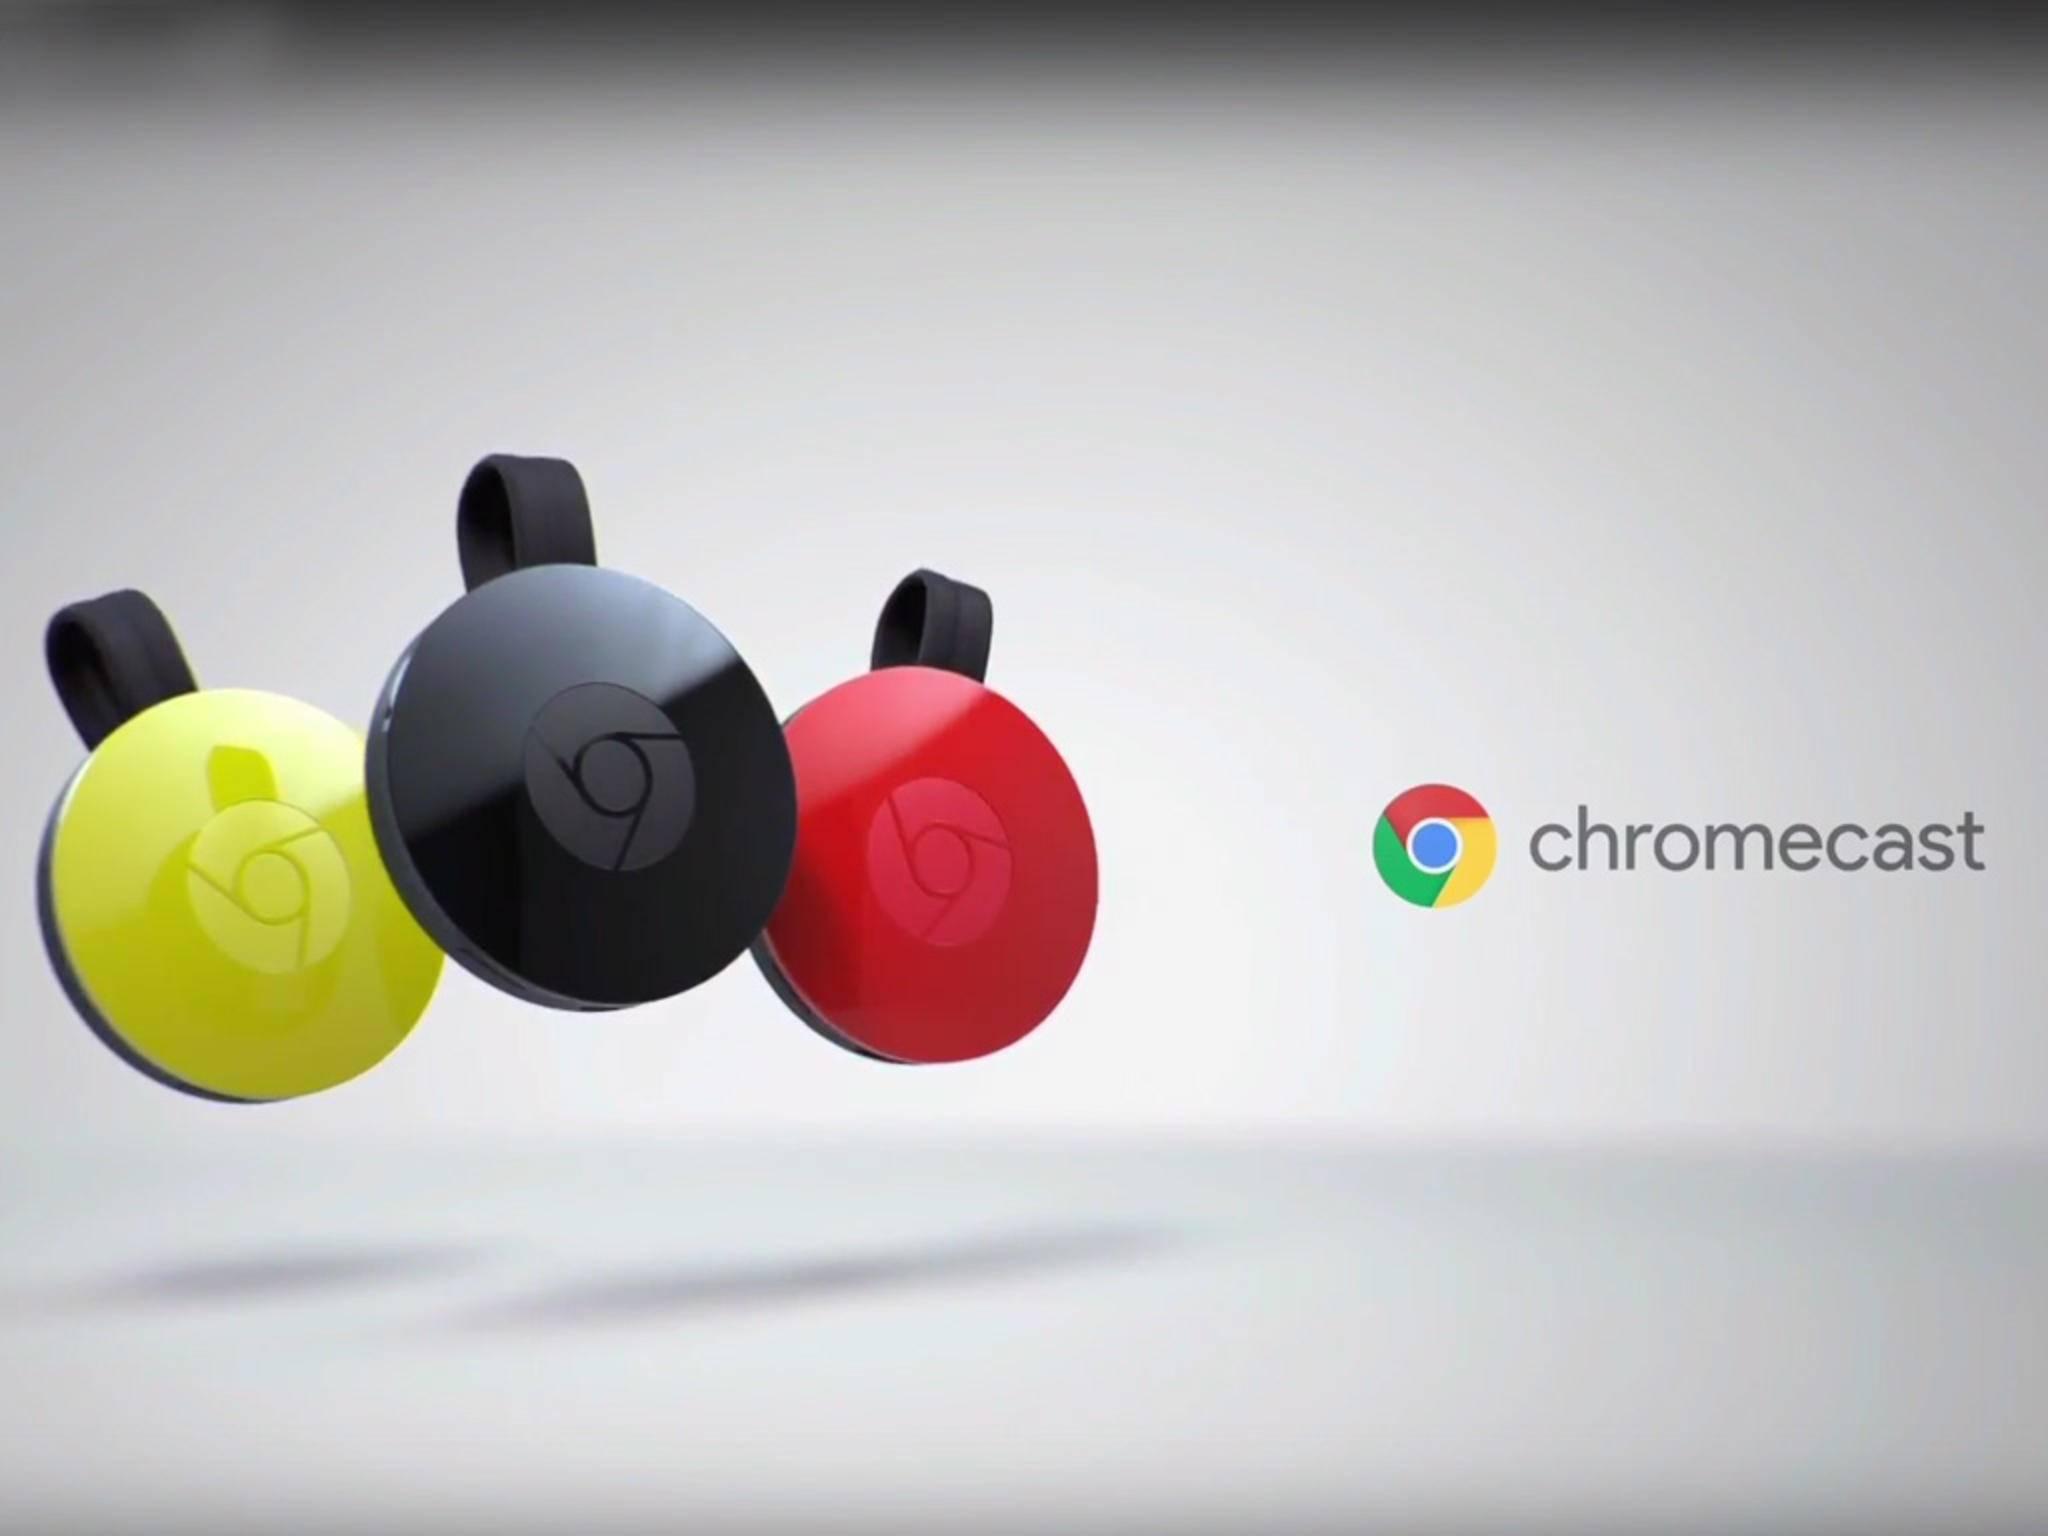 Chromecast 2 ist in drei Farben erhältlich.